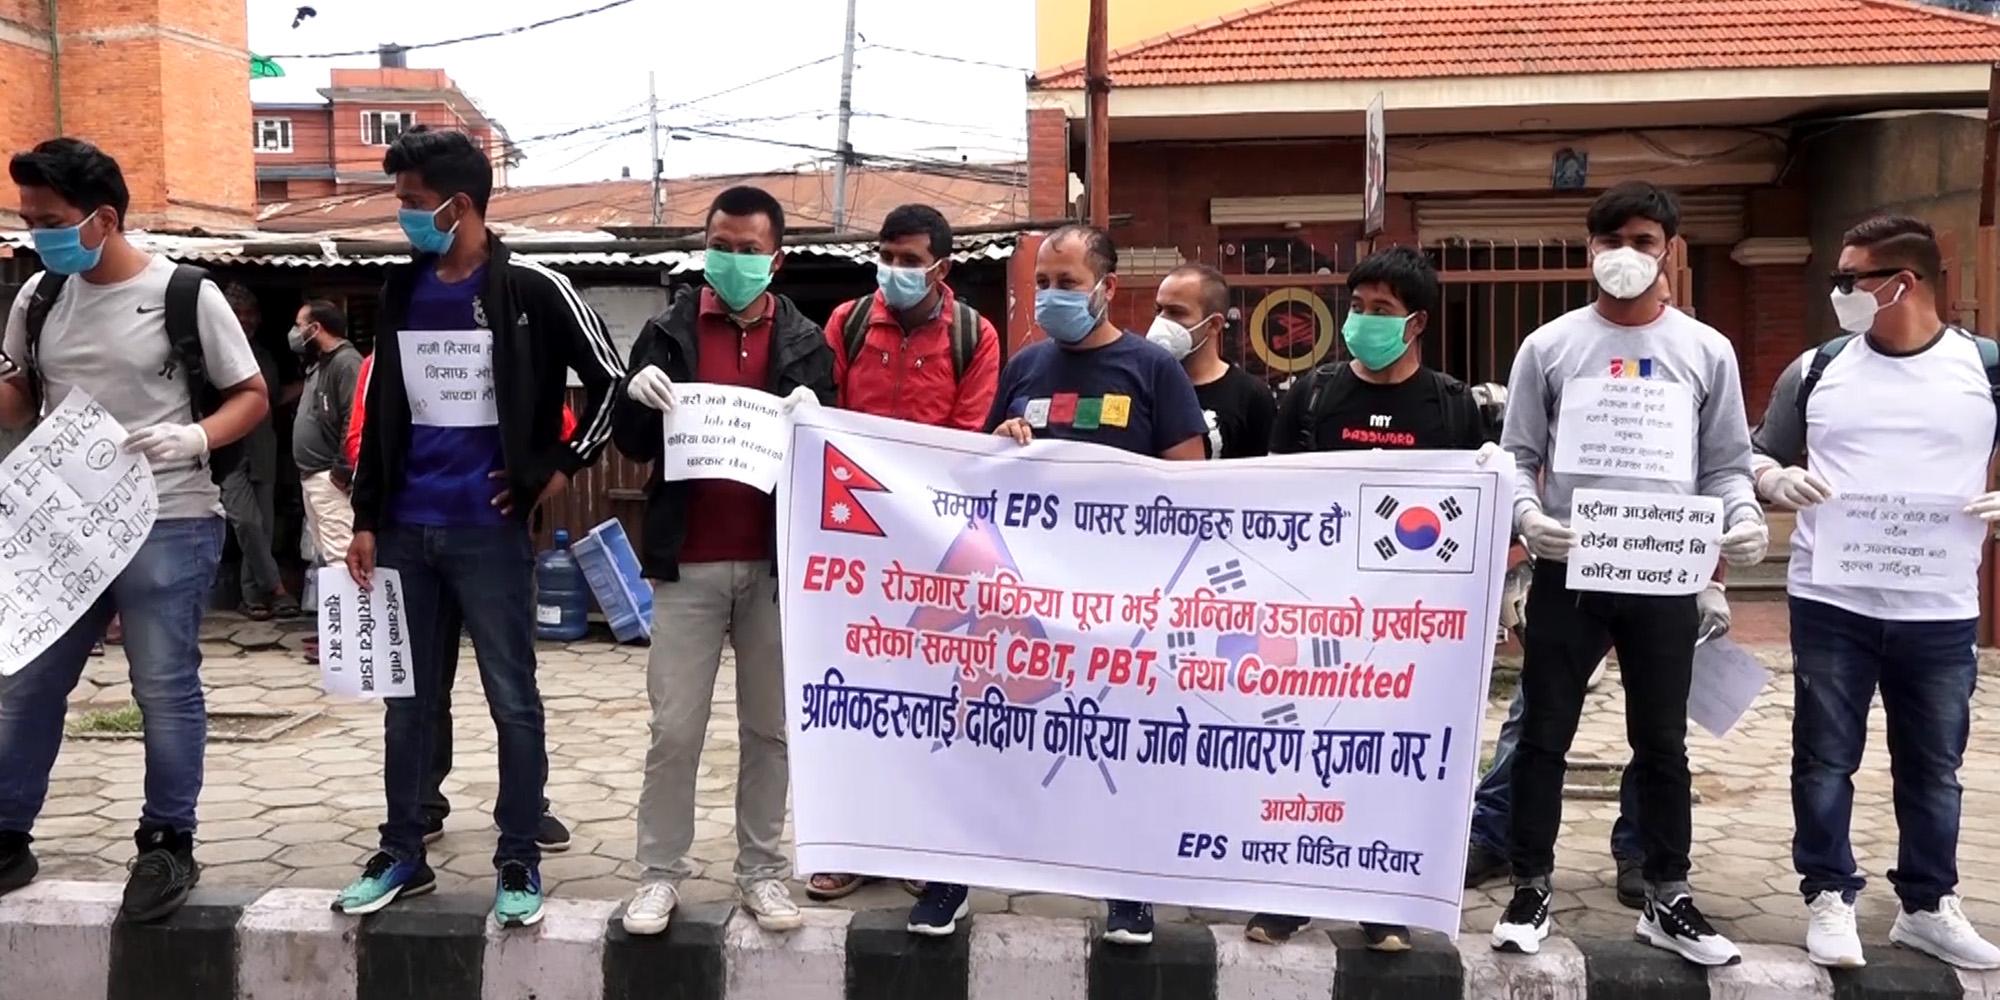 कोरिया जाने तयारीमा रहेका श्रमिकलाई ६ महिना म्याद थप